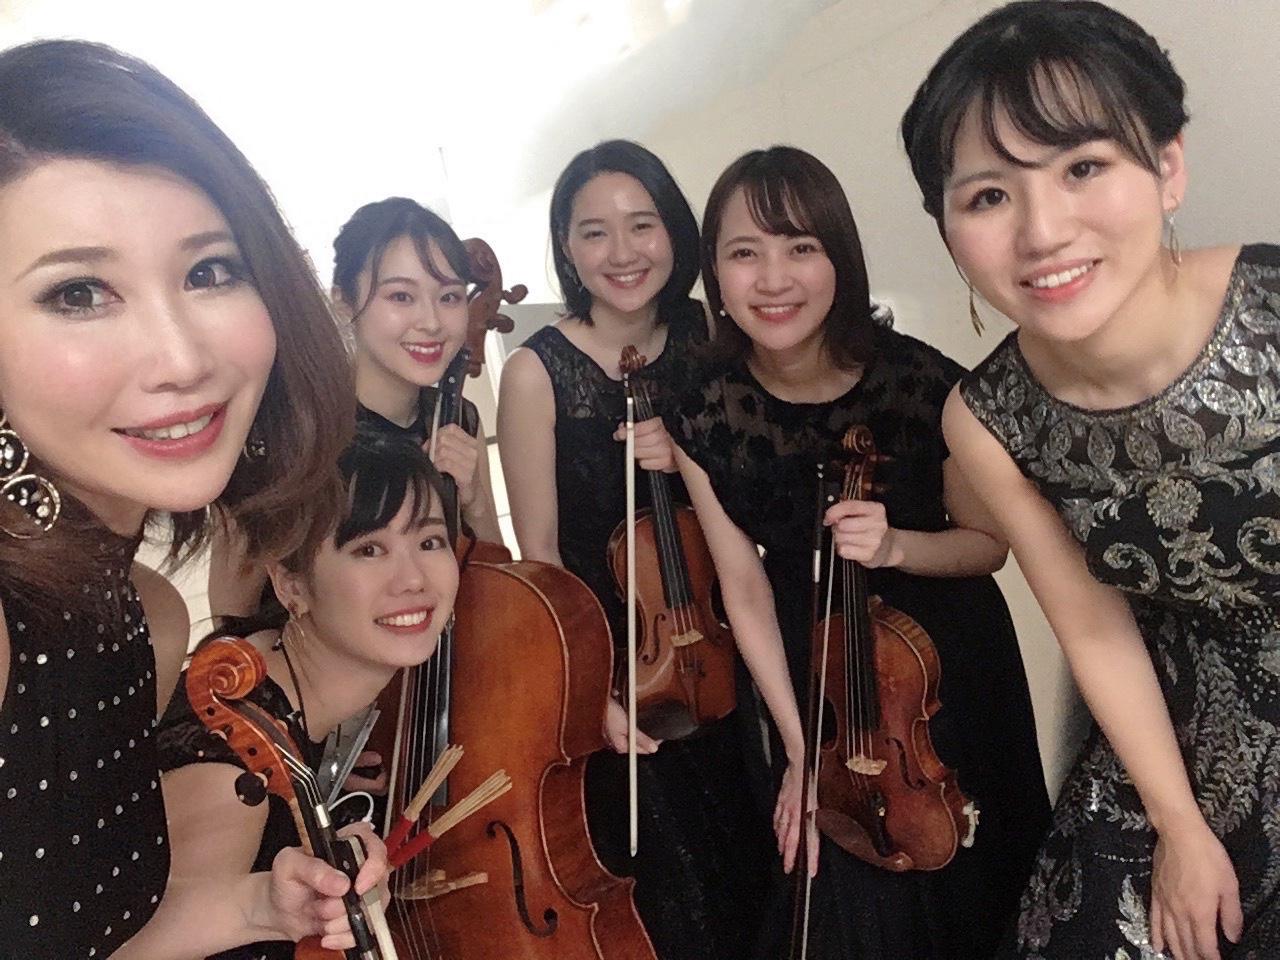 美人演奏家の生演奏のご依頼で人気があります